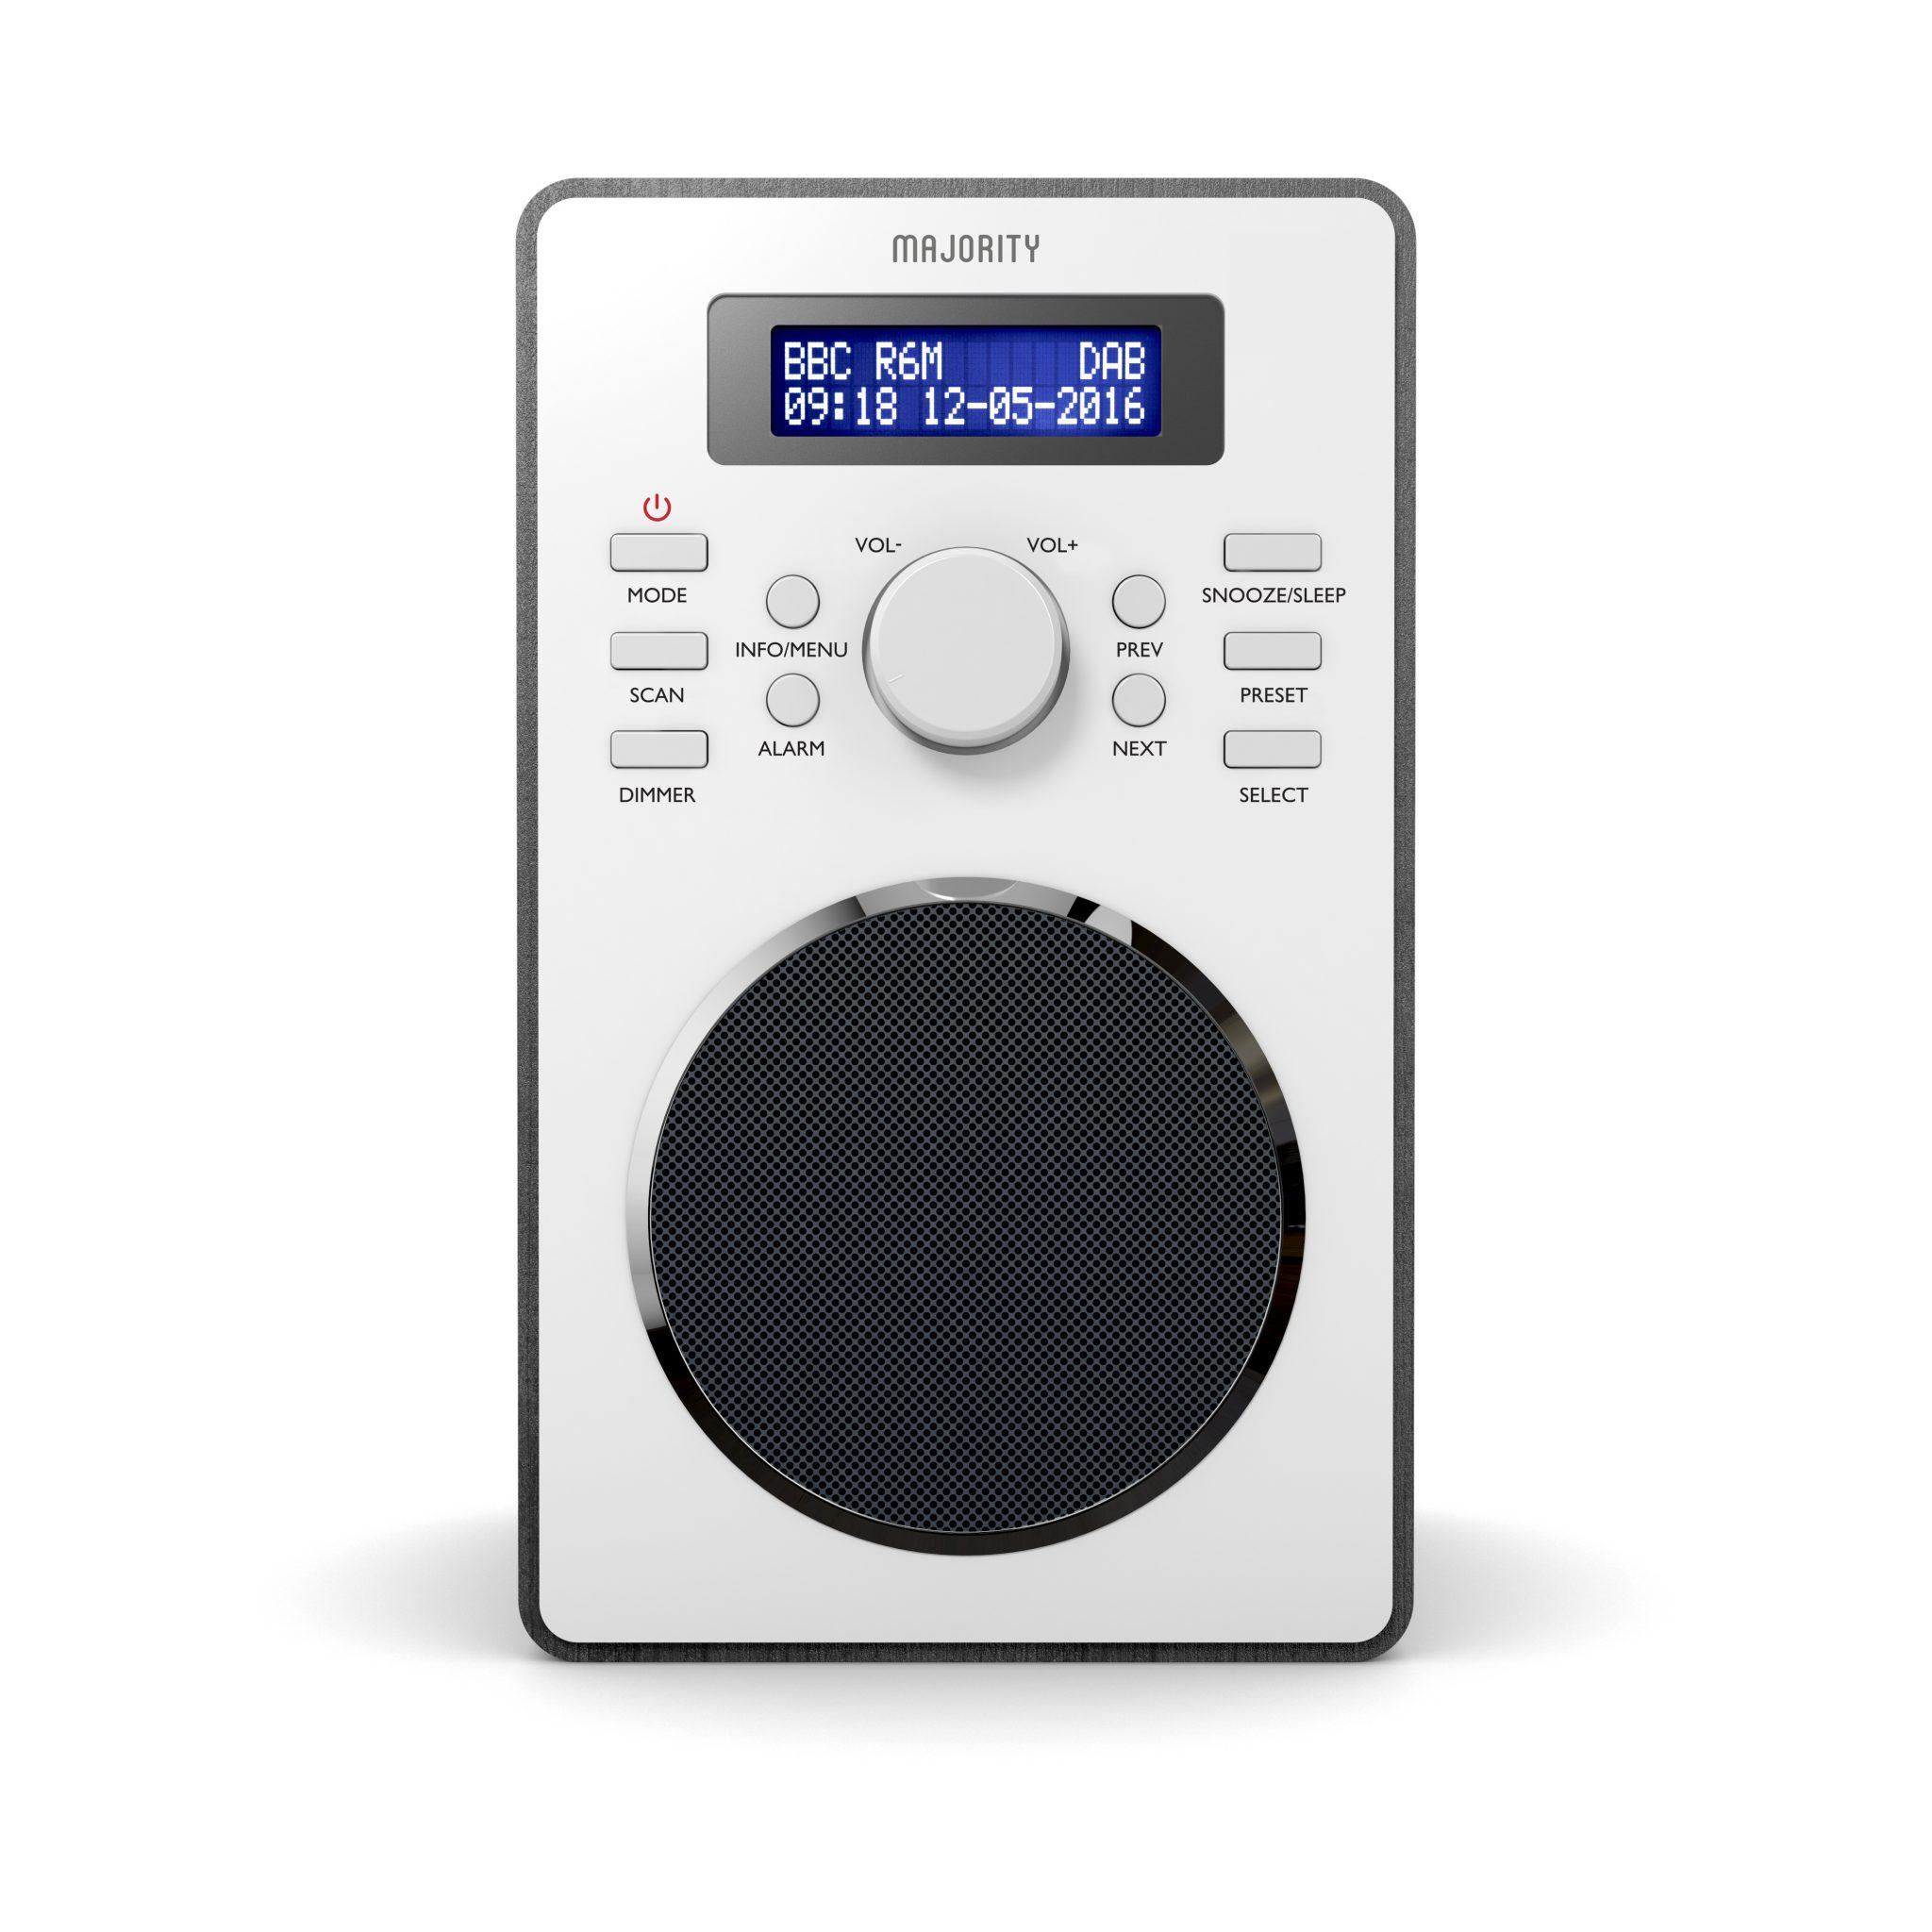 DAB Digital Radio - Barton Black Front